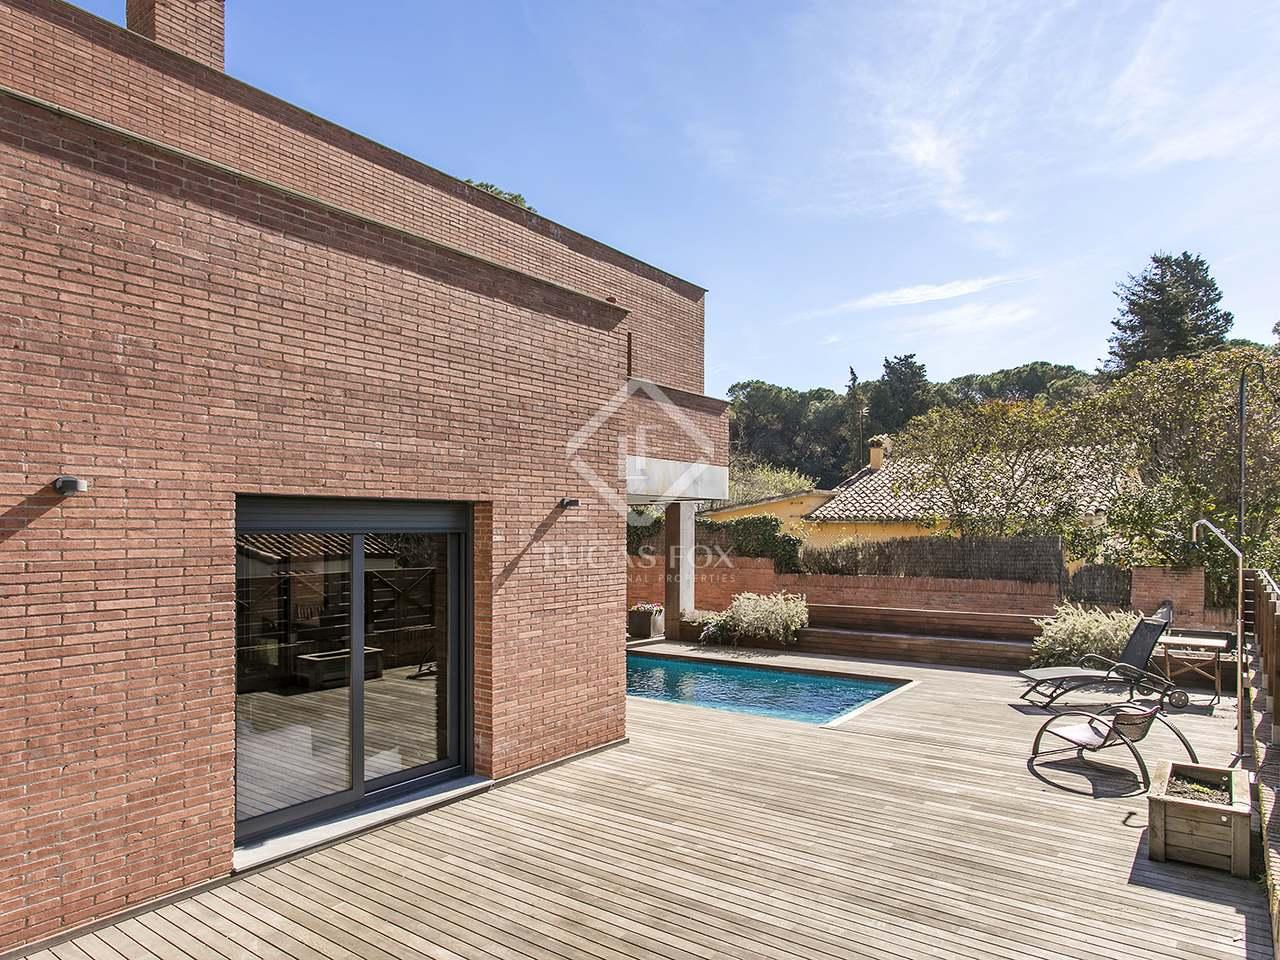 Huis villa van 265m te huur met 700m tuin in sant cugat for Huis met tuin te huur rotterdam